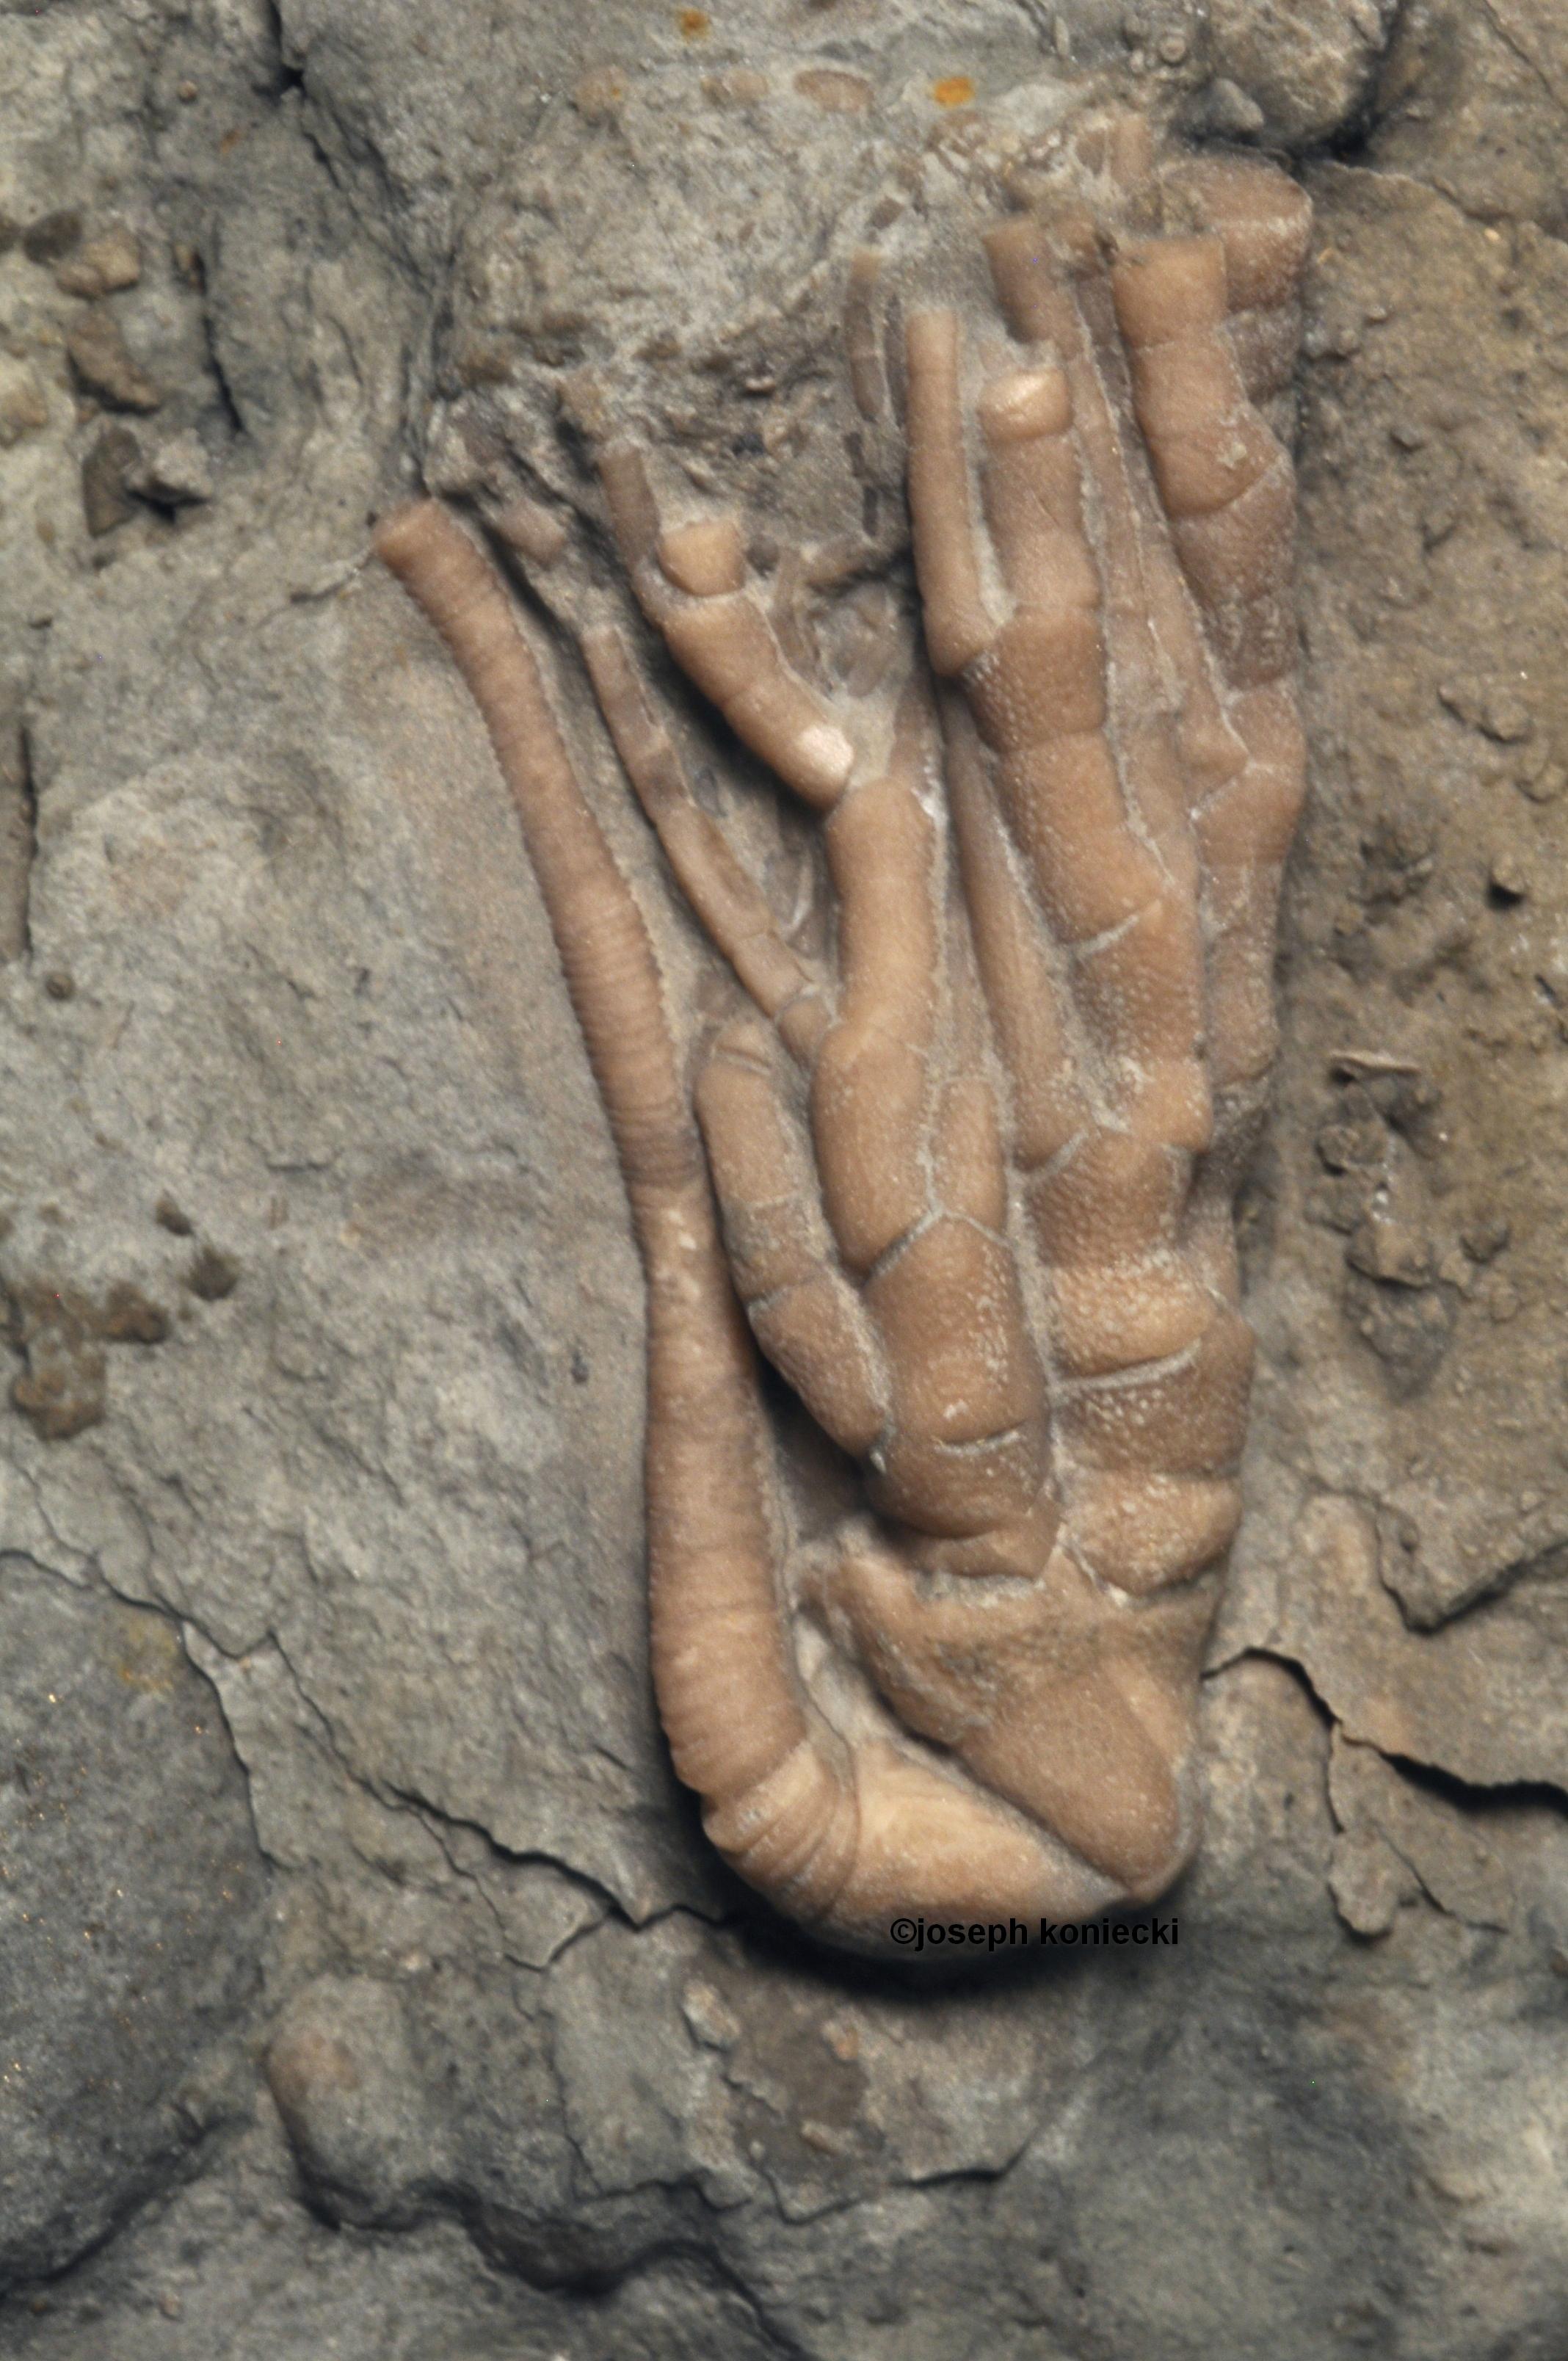 Cremacrinus